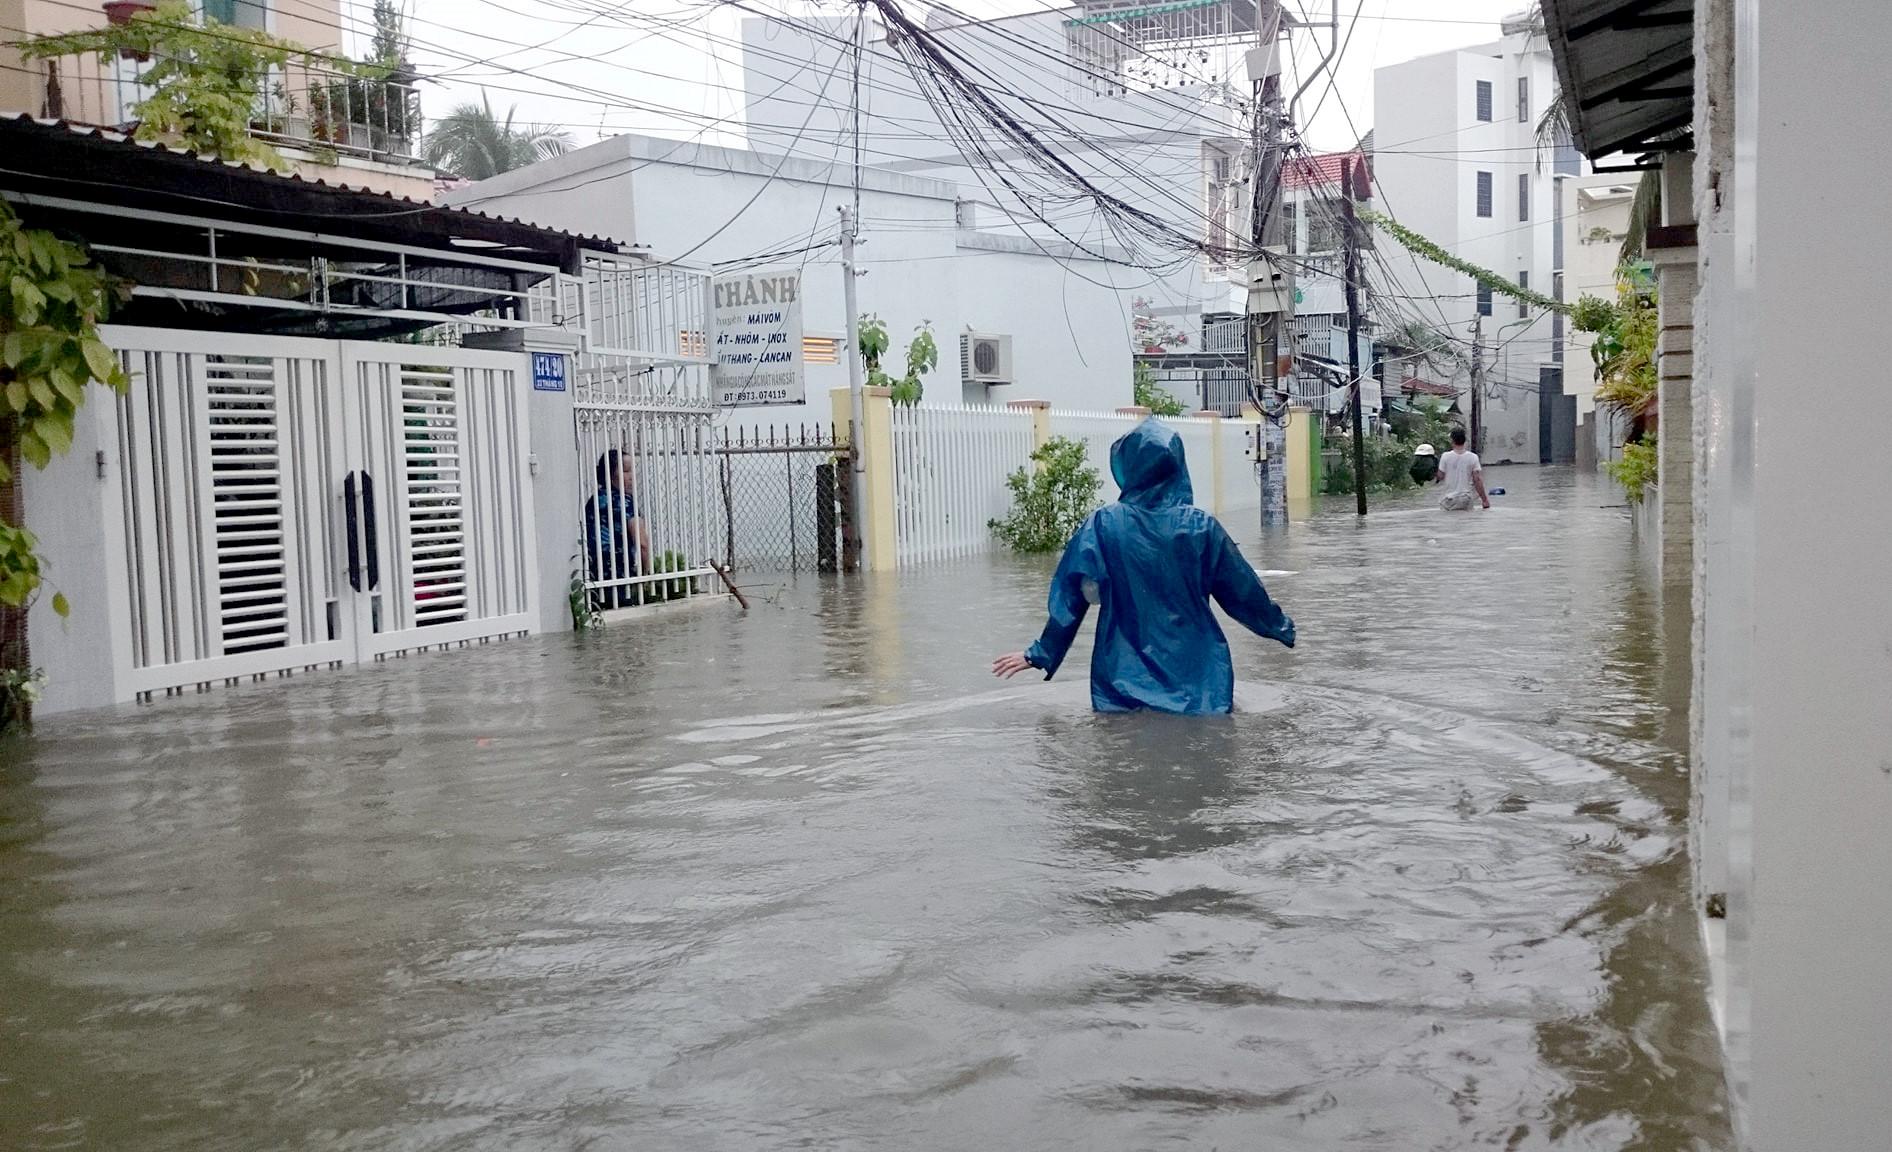 Lở núi 13 người chết ở Nha Trang: Trận mưa lịch sử, thiệt hại quá lớn Ảnh 3